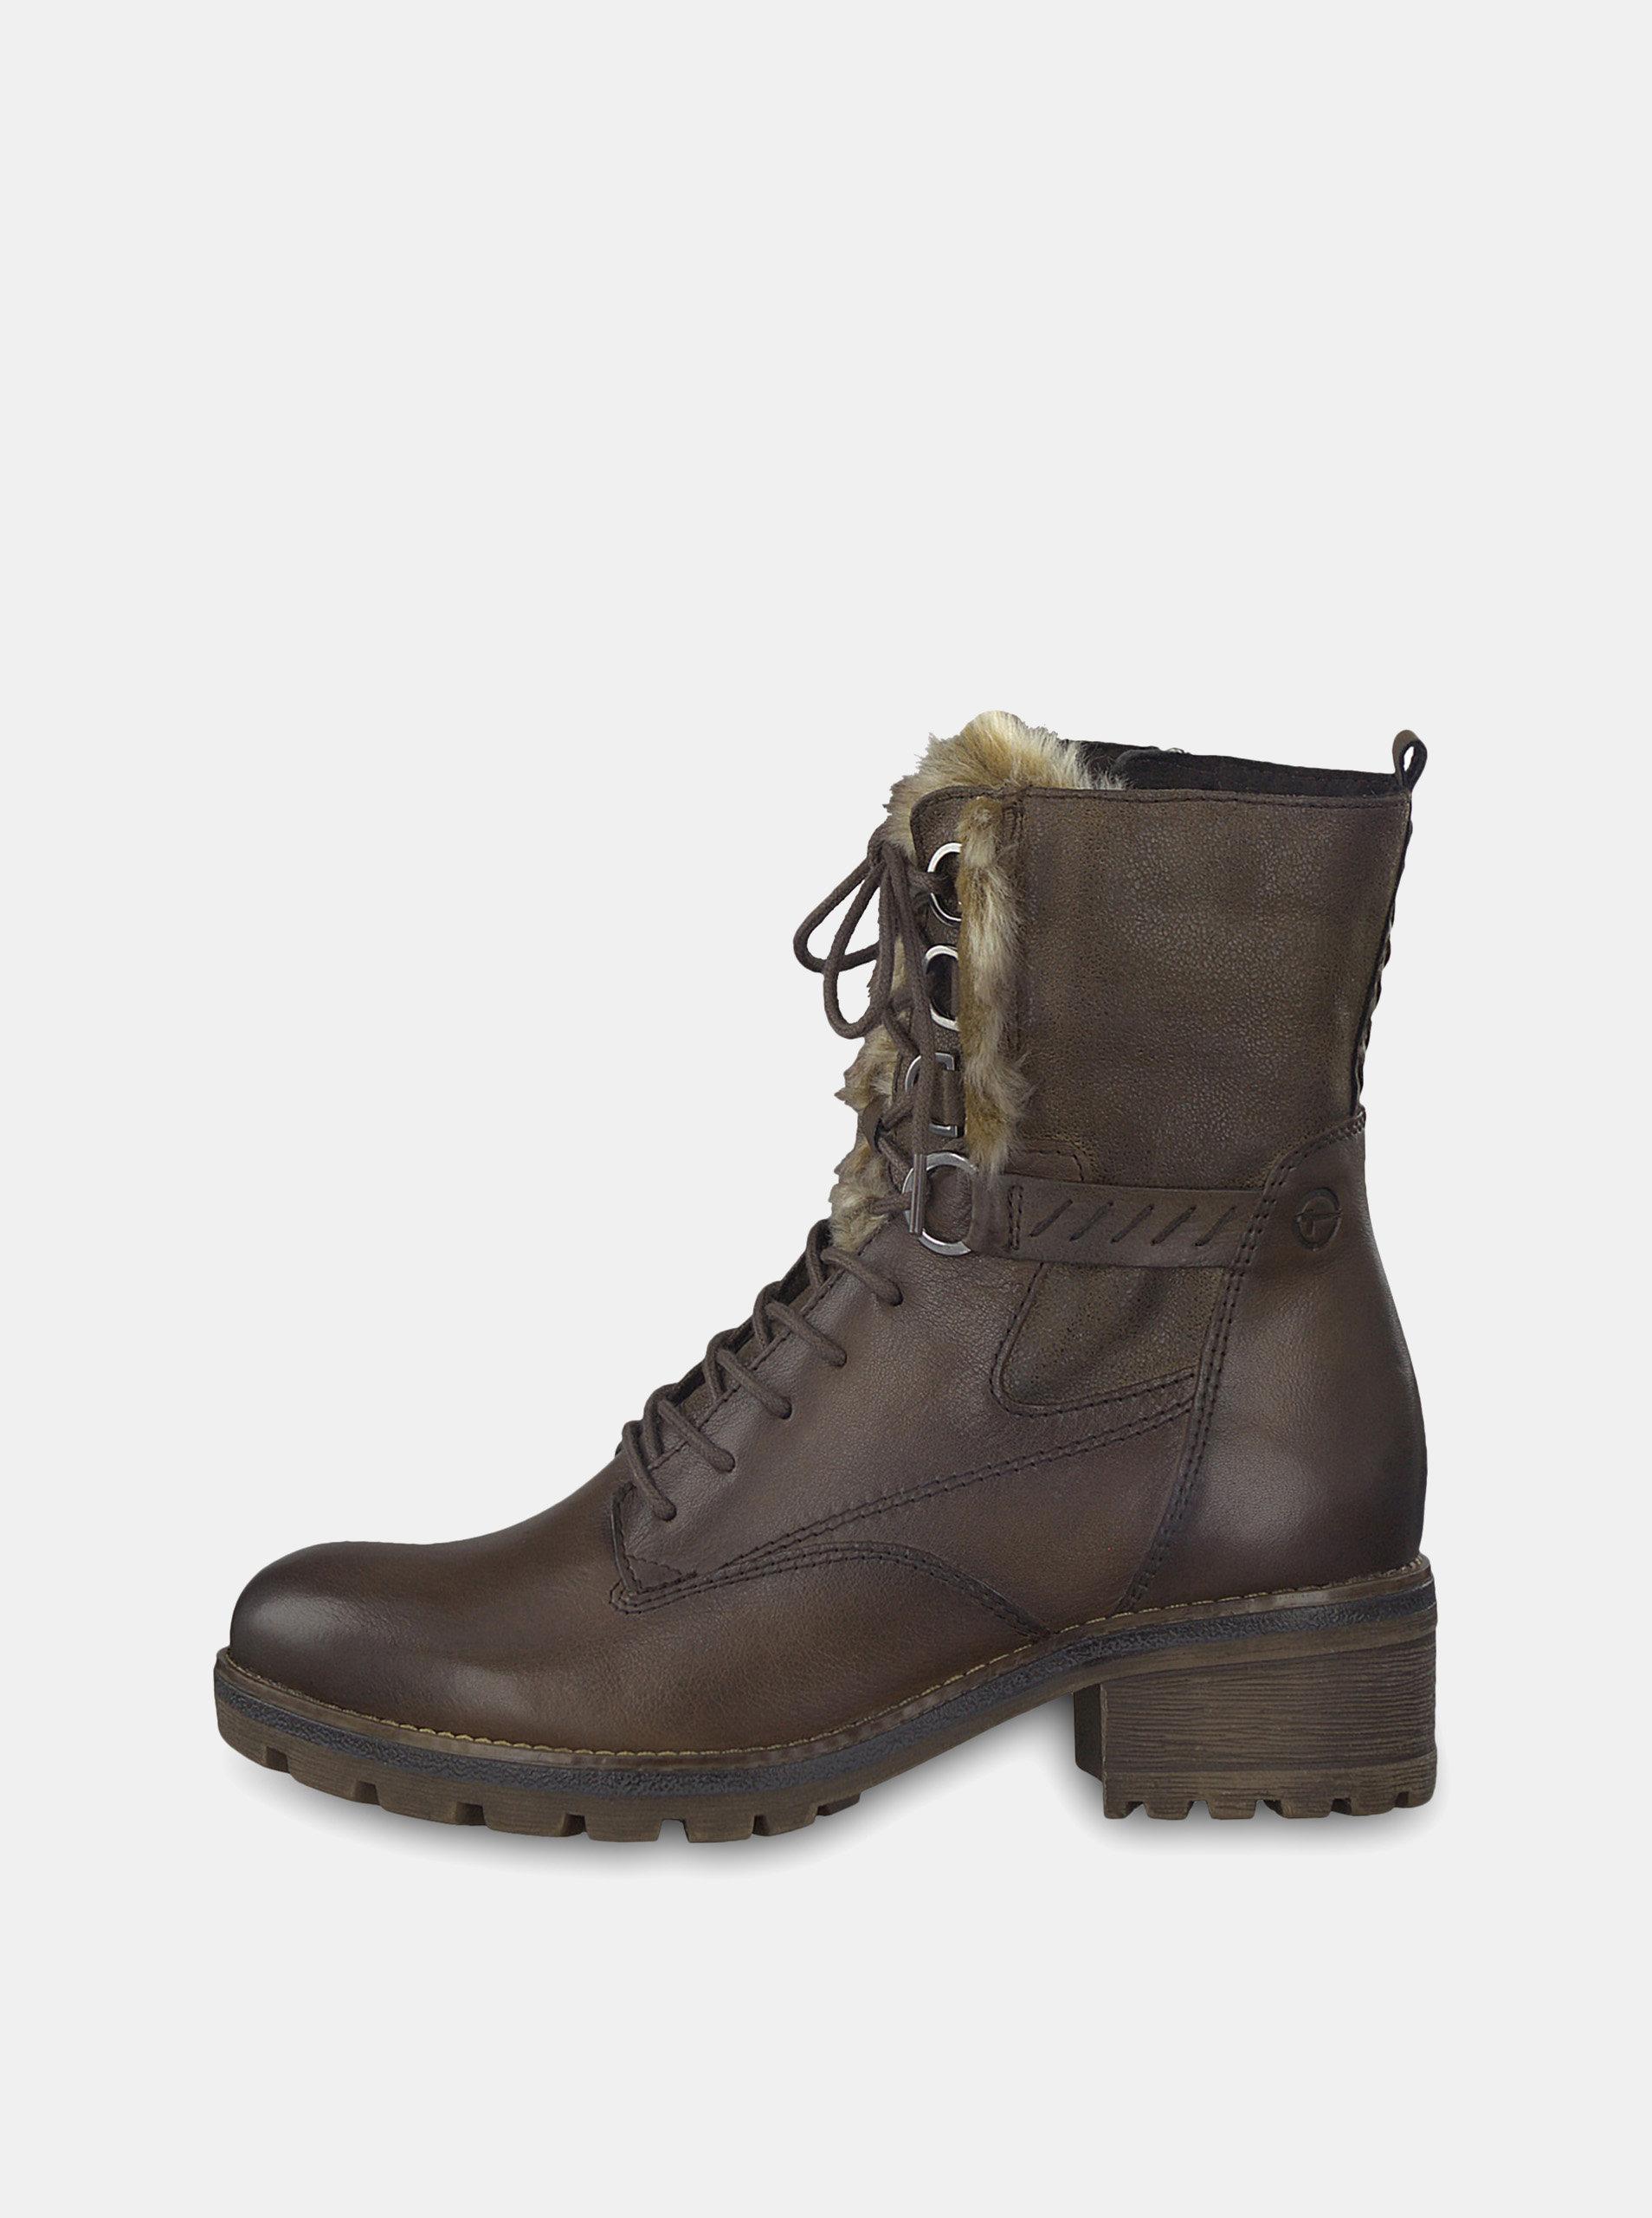 4a373723126d Tmavohnedé kožené členkové topánky so zateplenou podšívkou Tamaris ...